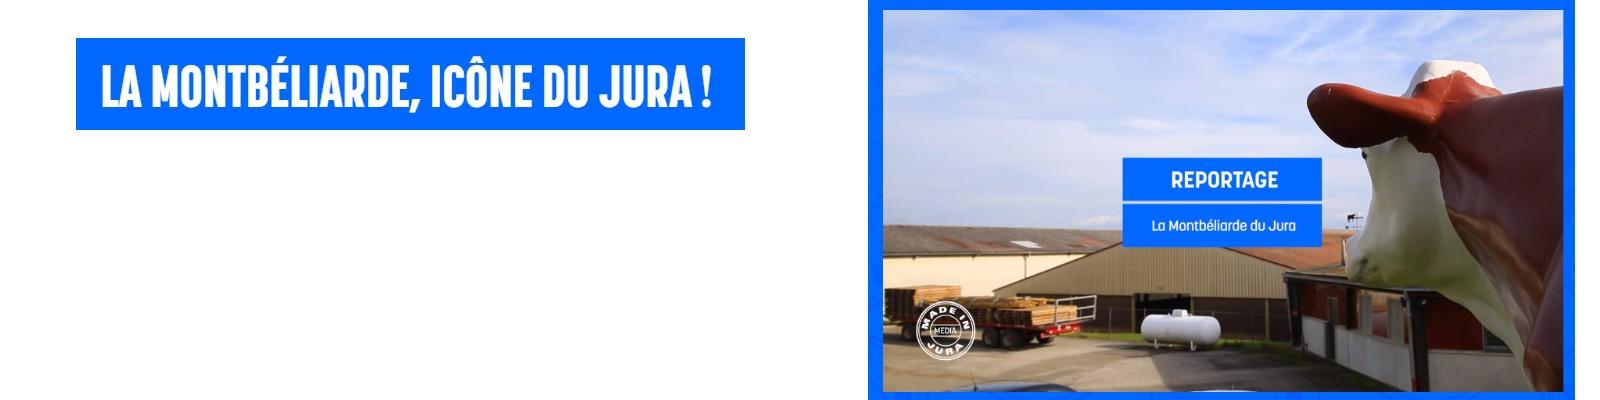 PANORAMA-MADEIN-JURA